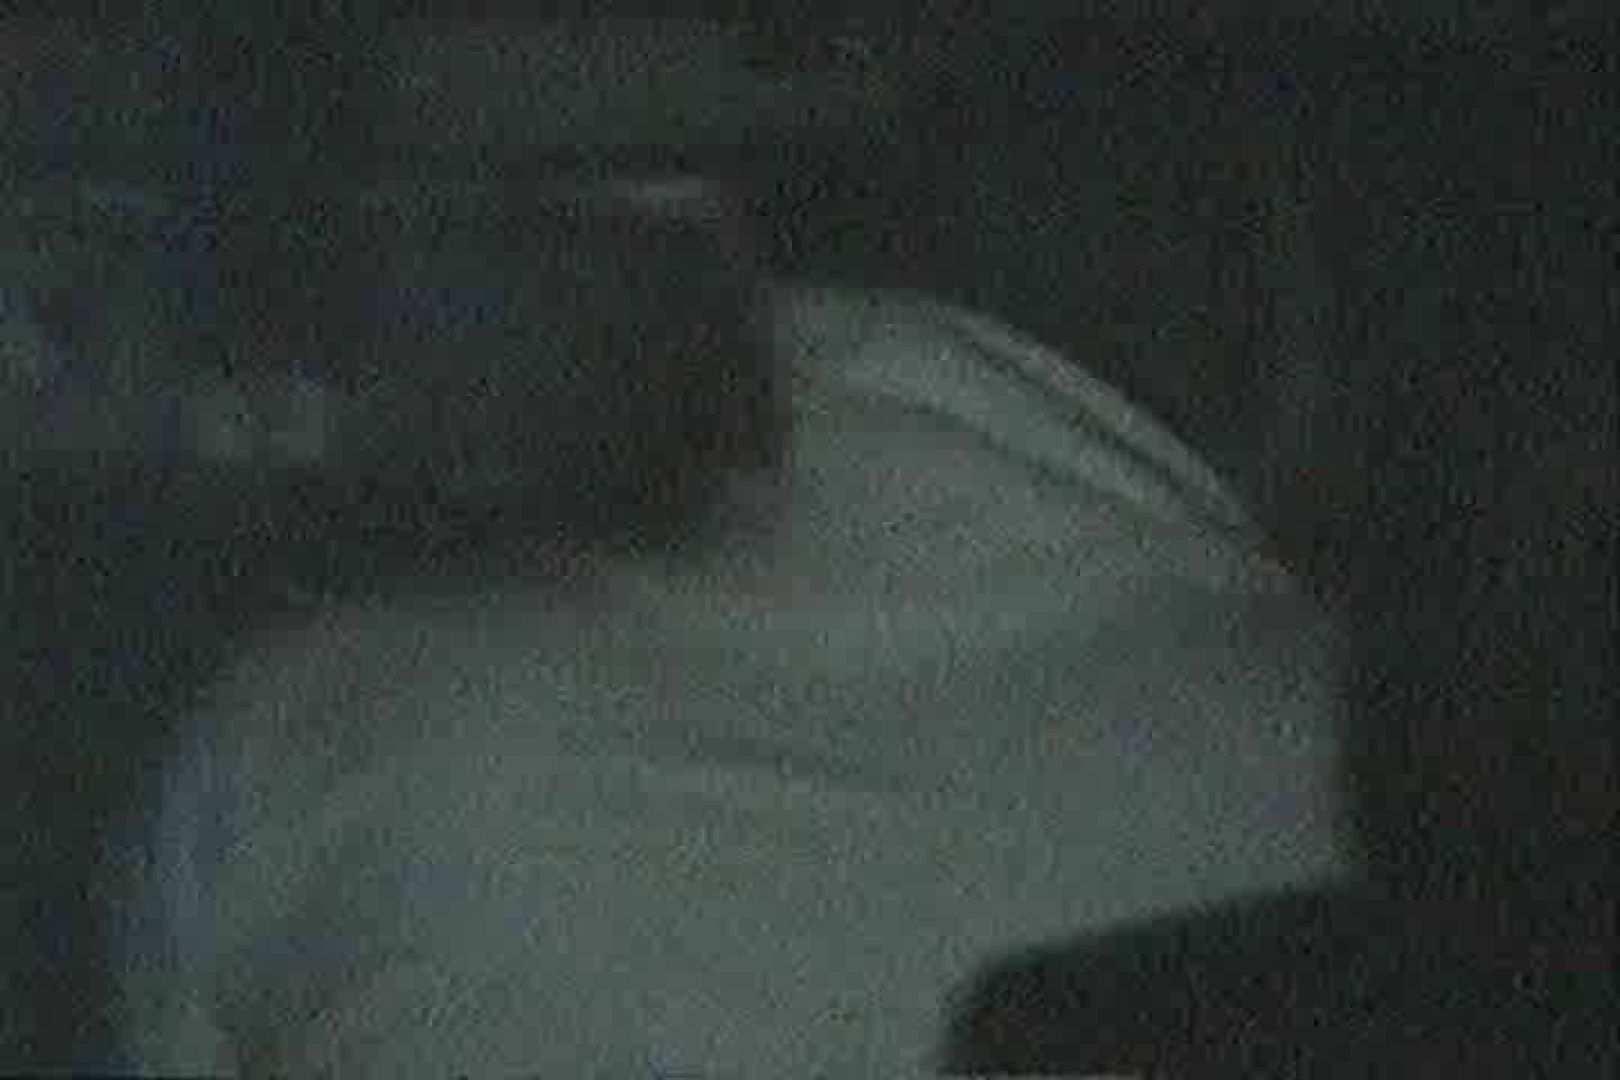 充血監督の深夜の運動会Vol.123 OLの実態 | カップル  27pic 13